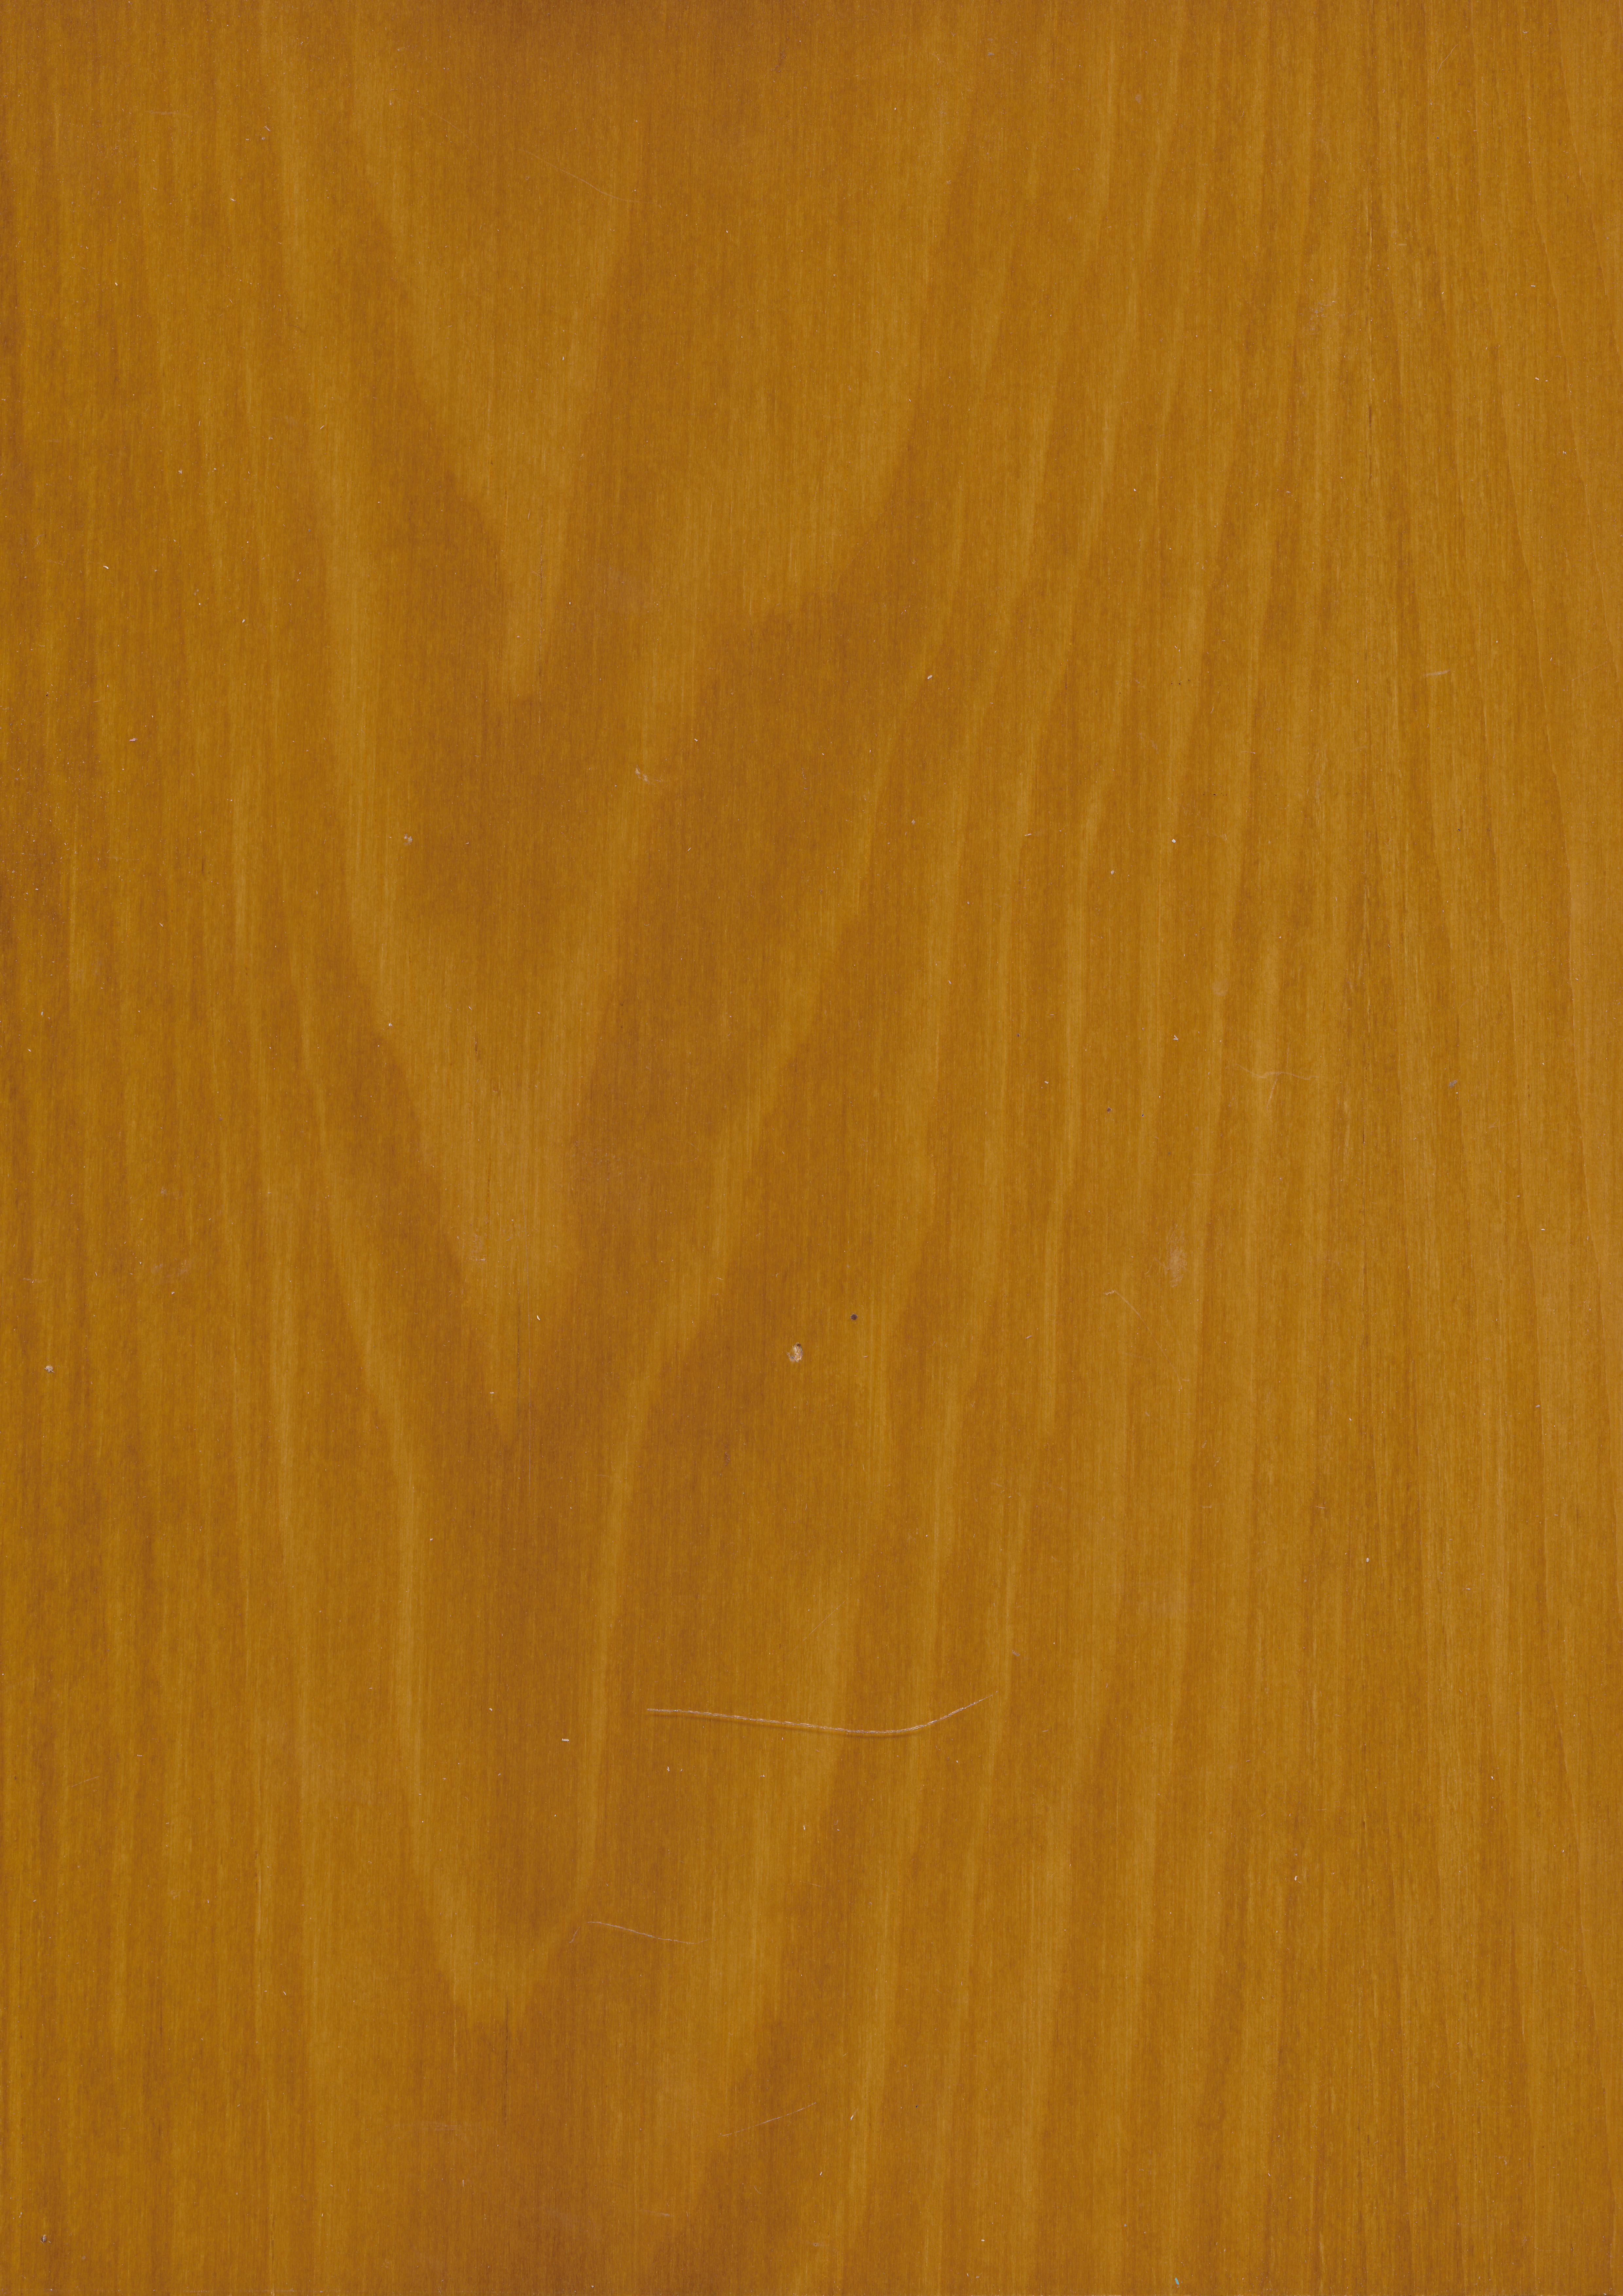 Volvox proAqua Holzlasur · walnuss